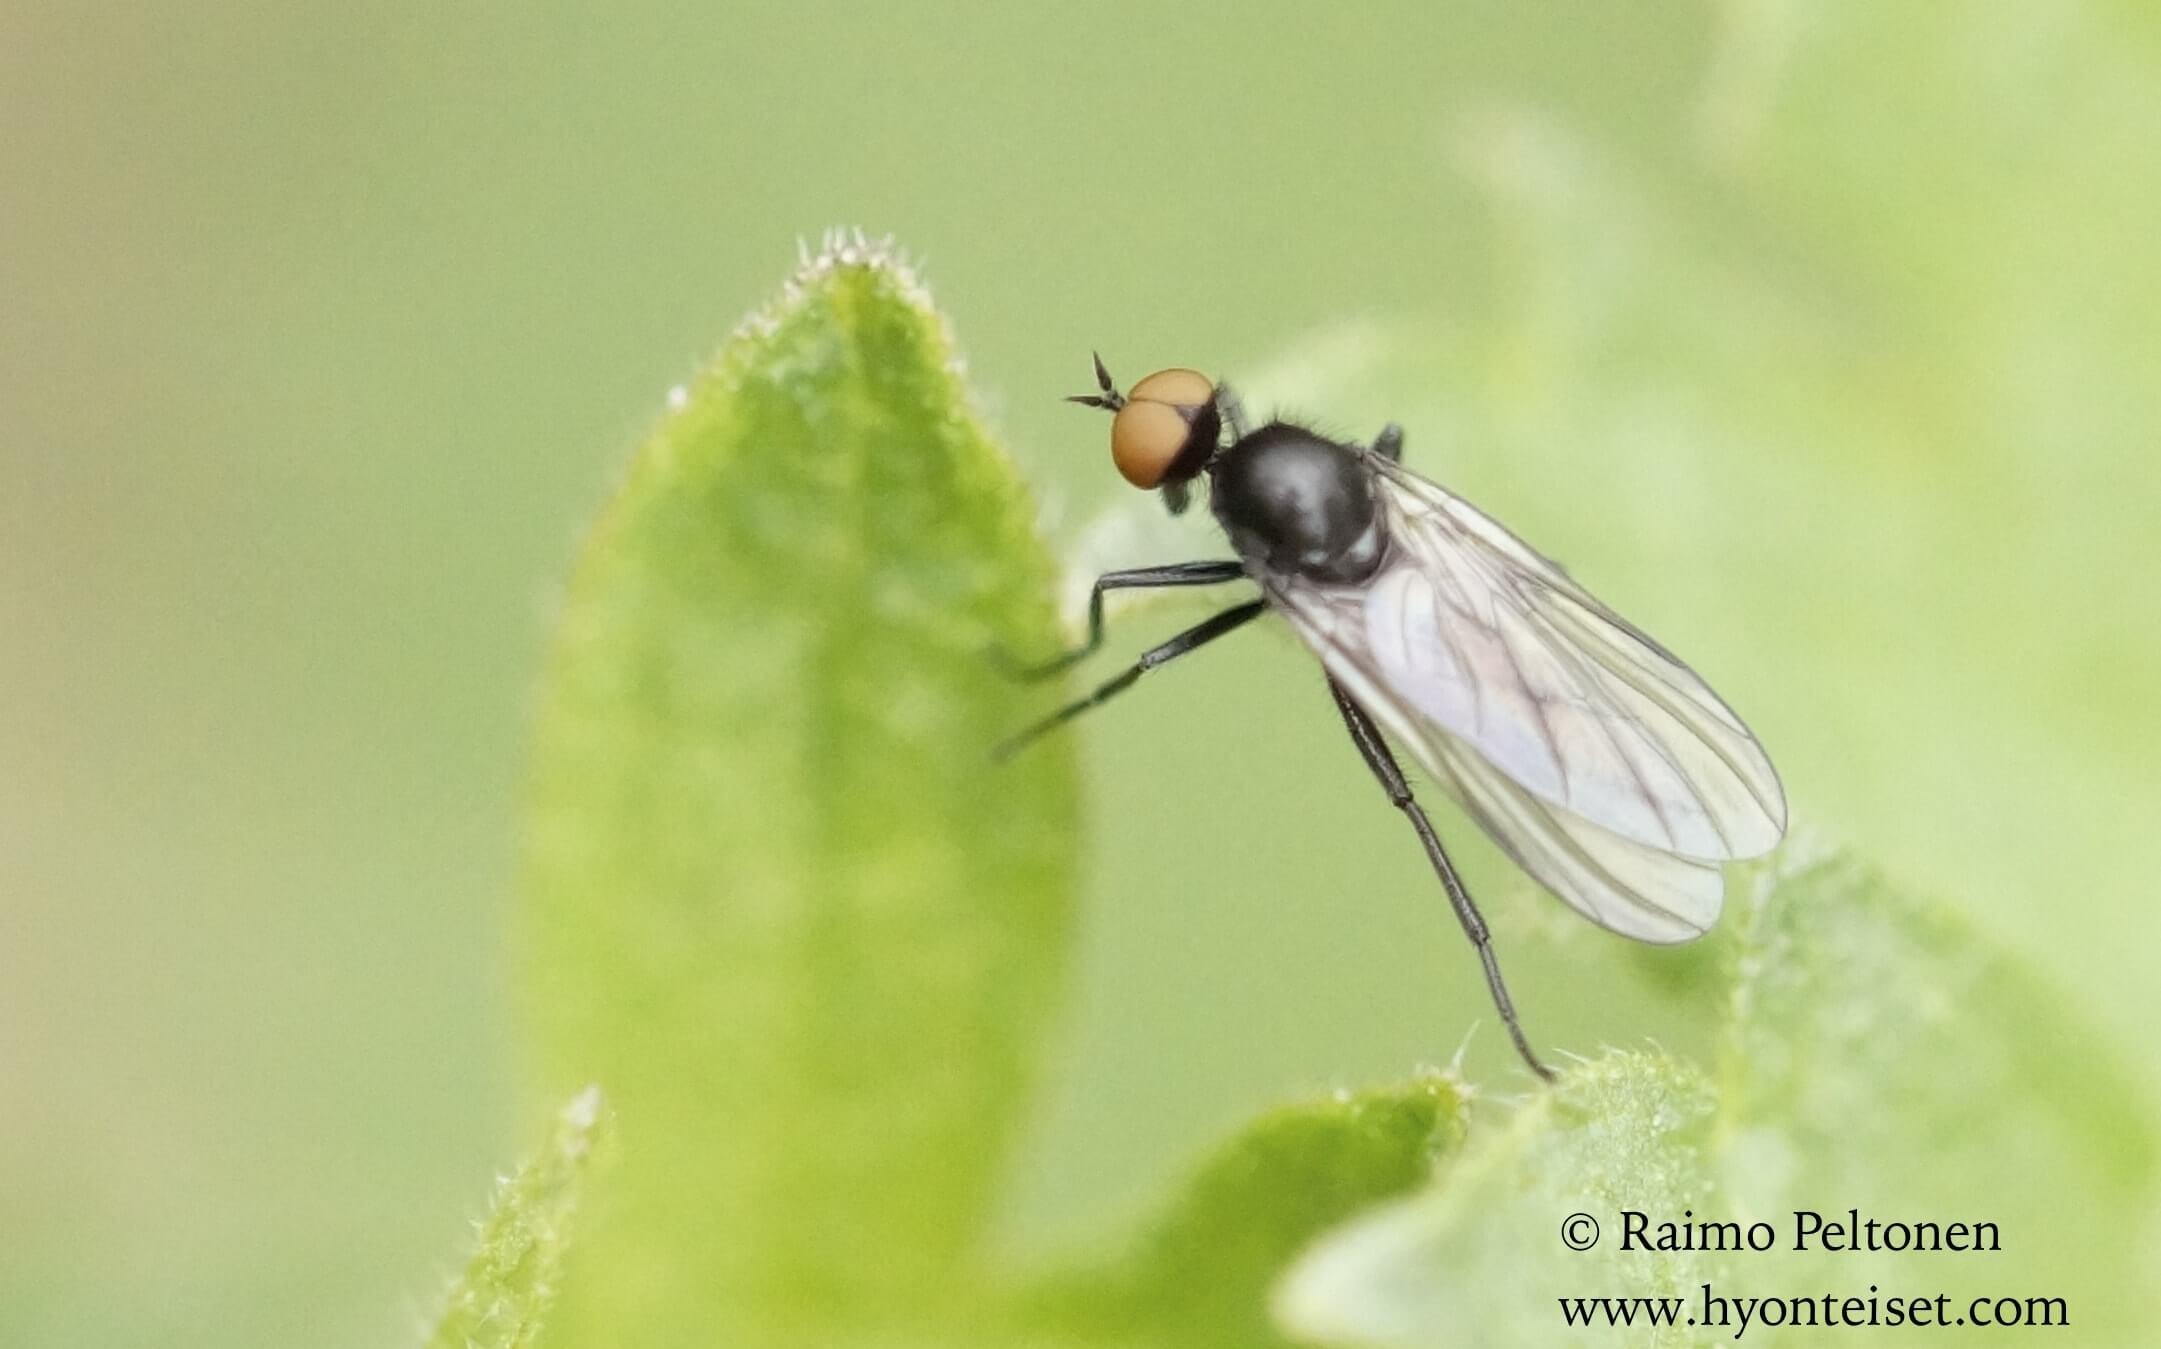 Rhampomyia cf. umbripennis